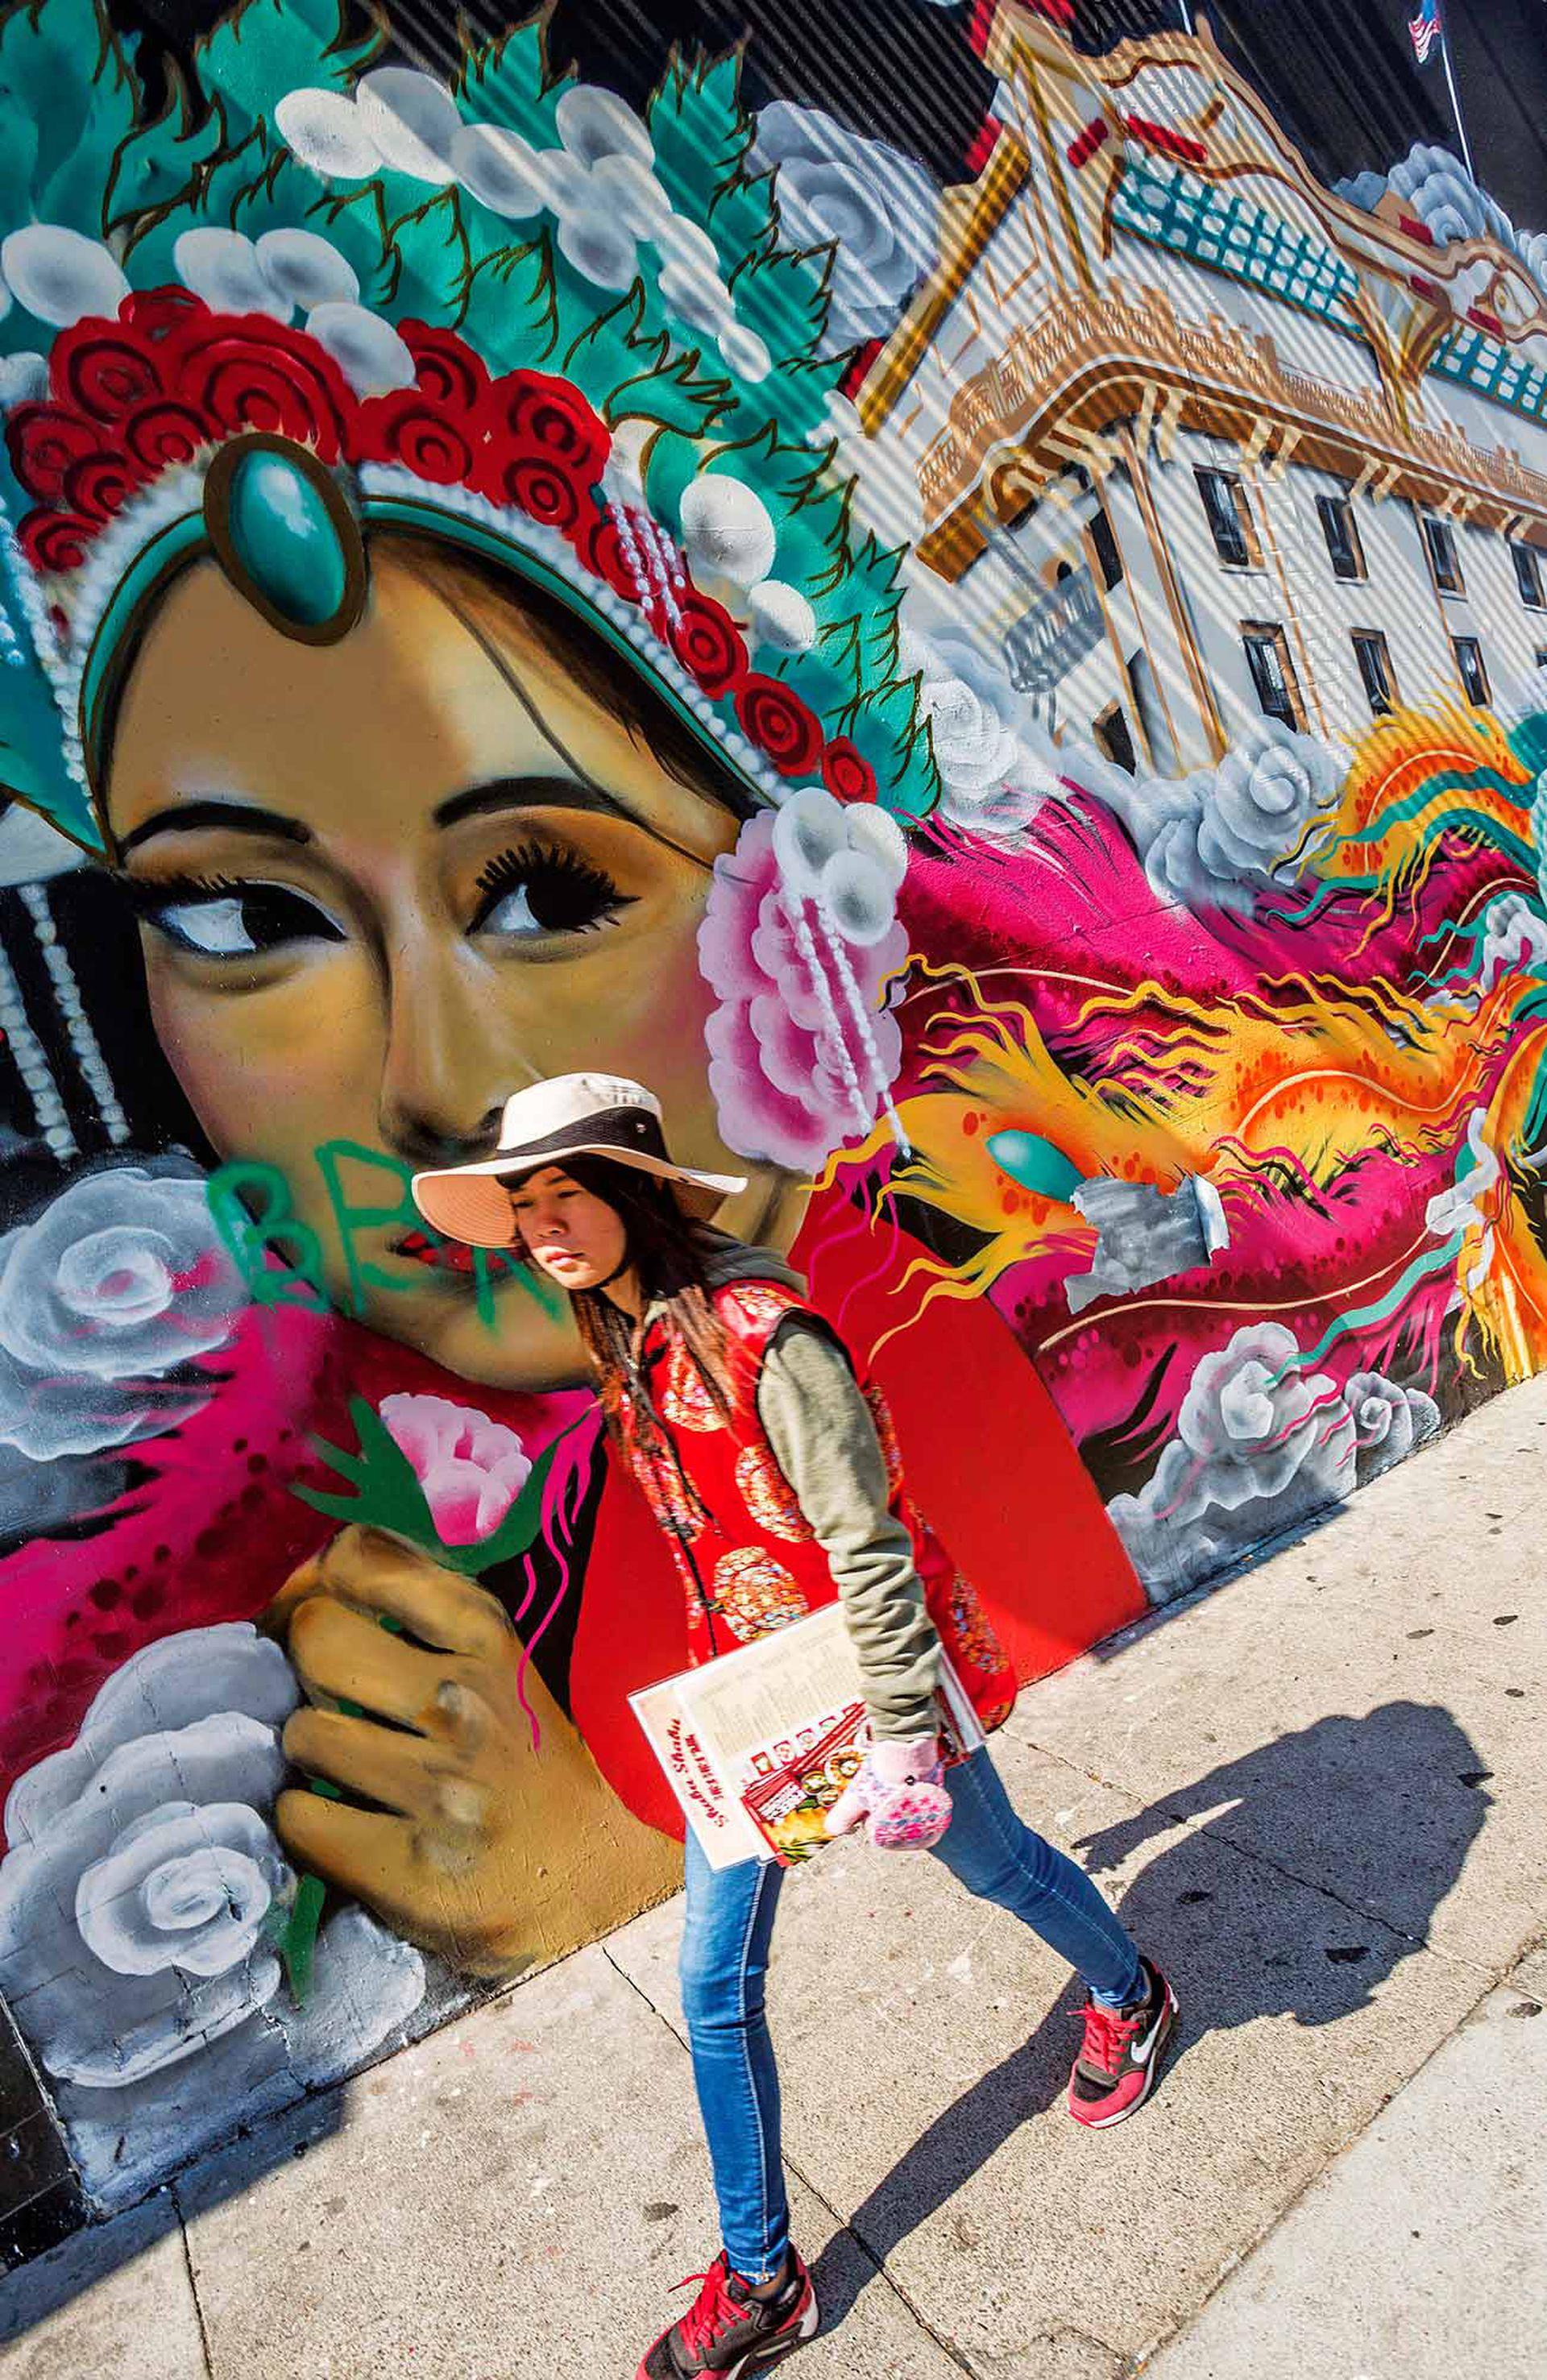 Arte callejero en Chinatown, el primer barrio chino de Estados Unidos, y el más grande también.